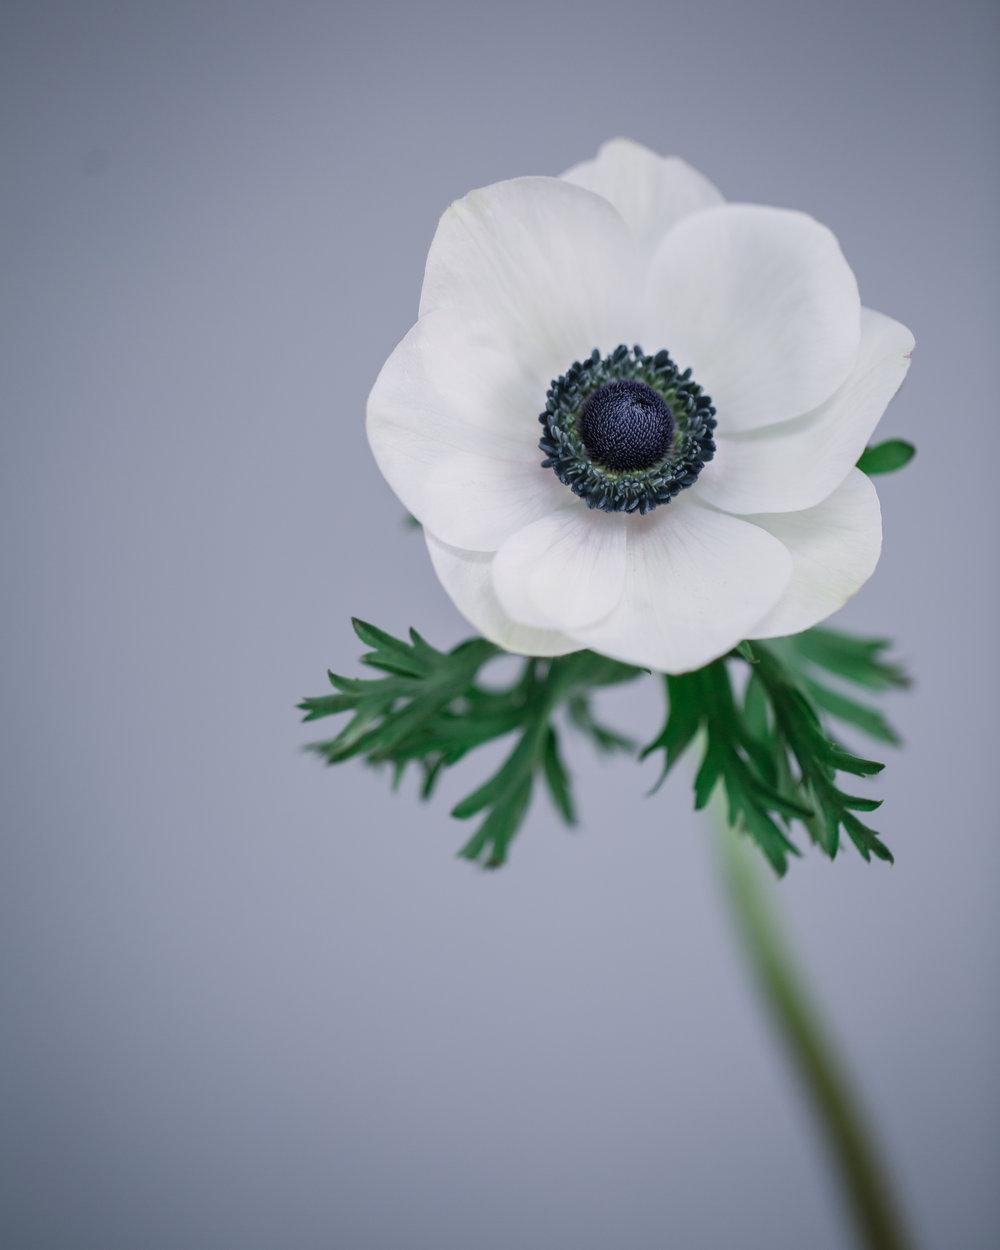 White Anemone by Rona Wheeldon Flowerona-1.jpg